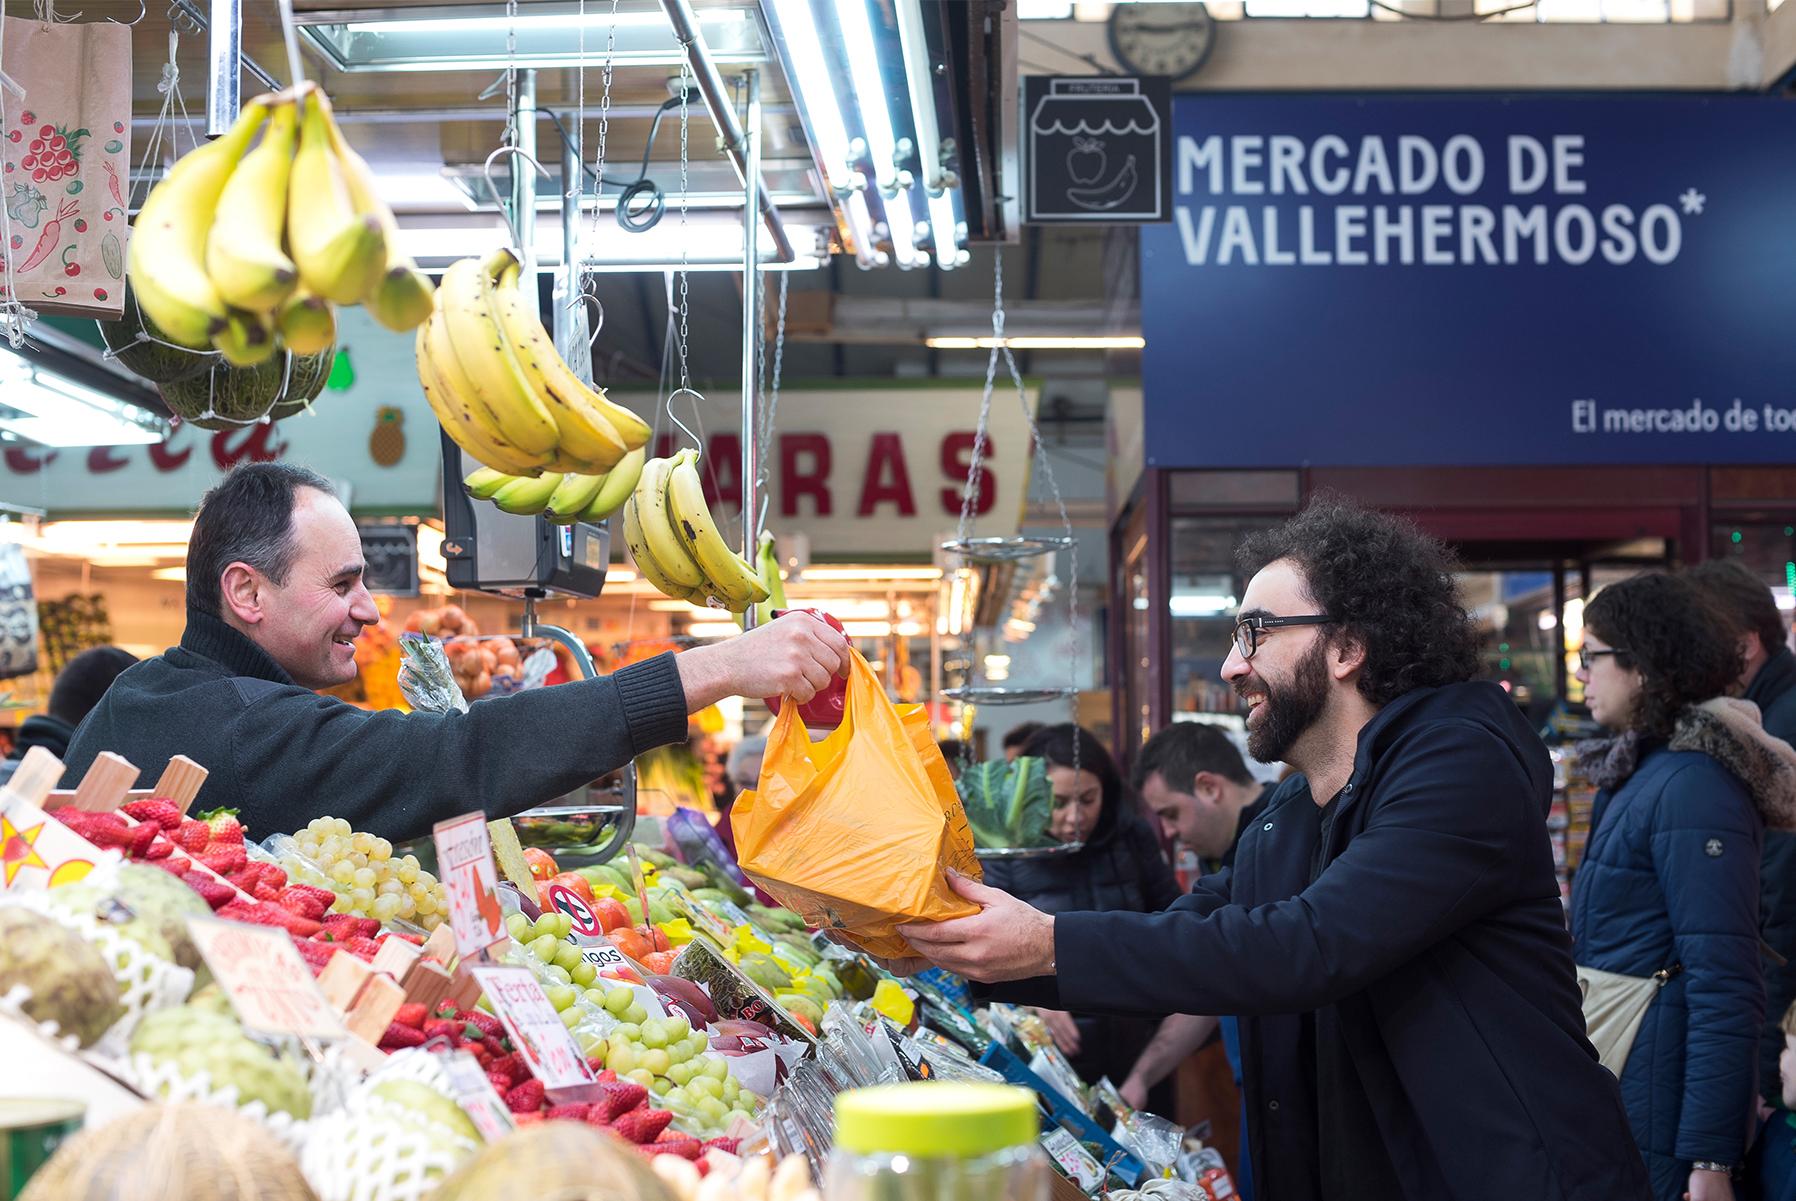 Mercado-vallehermoso-espinosa-06